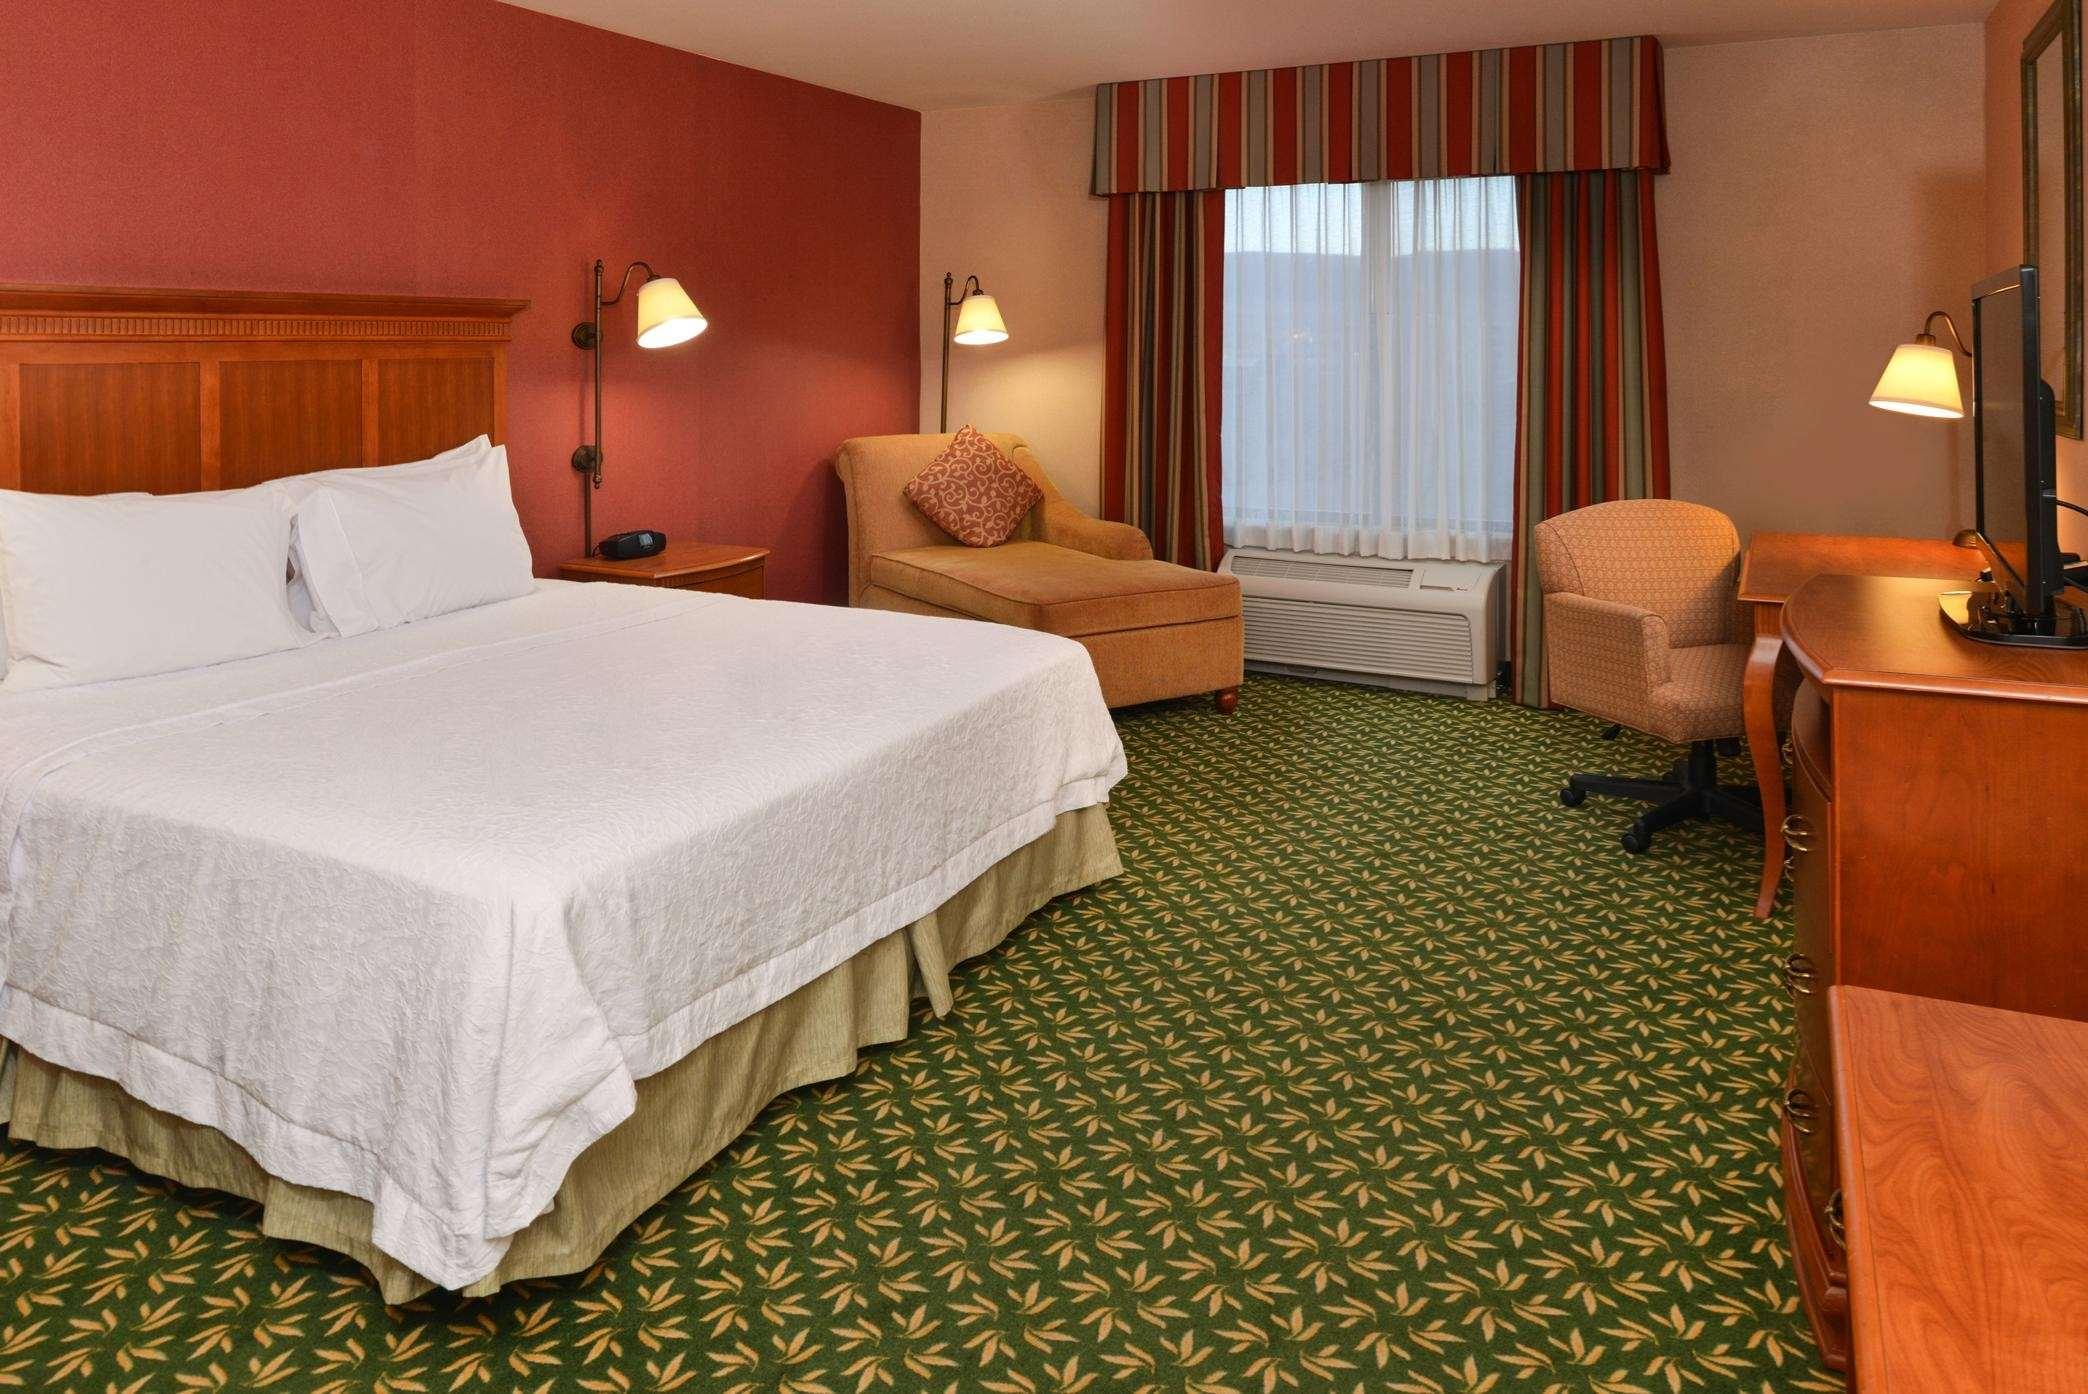 Hampton Inn & Suites Casper image 38